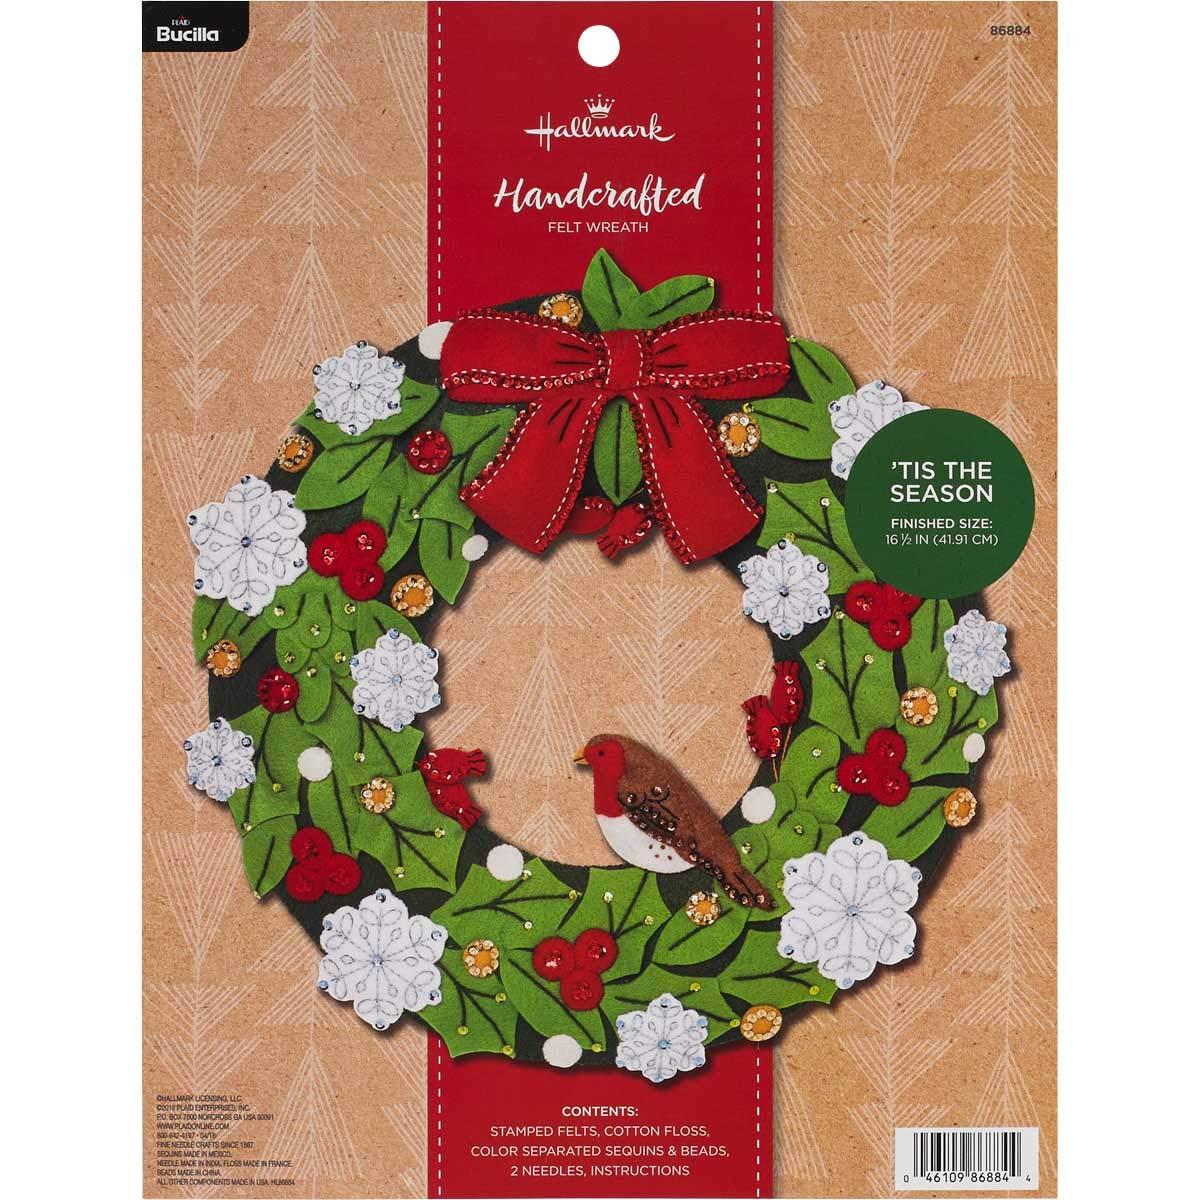 Bucilla 86884 Hallmark Felt Wreath Kit, 16.5'', Tis The Season by Bucilla